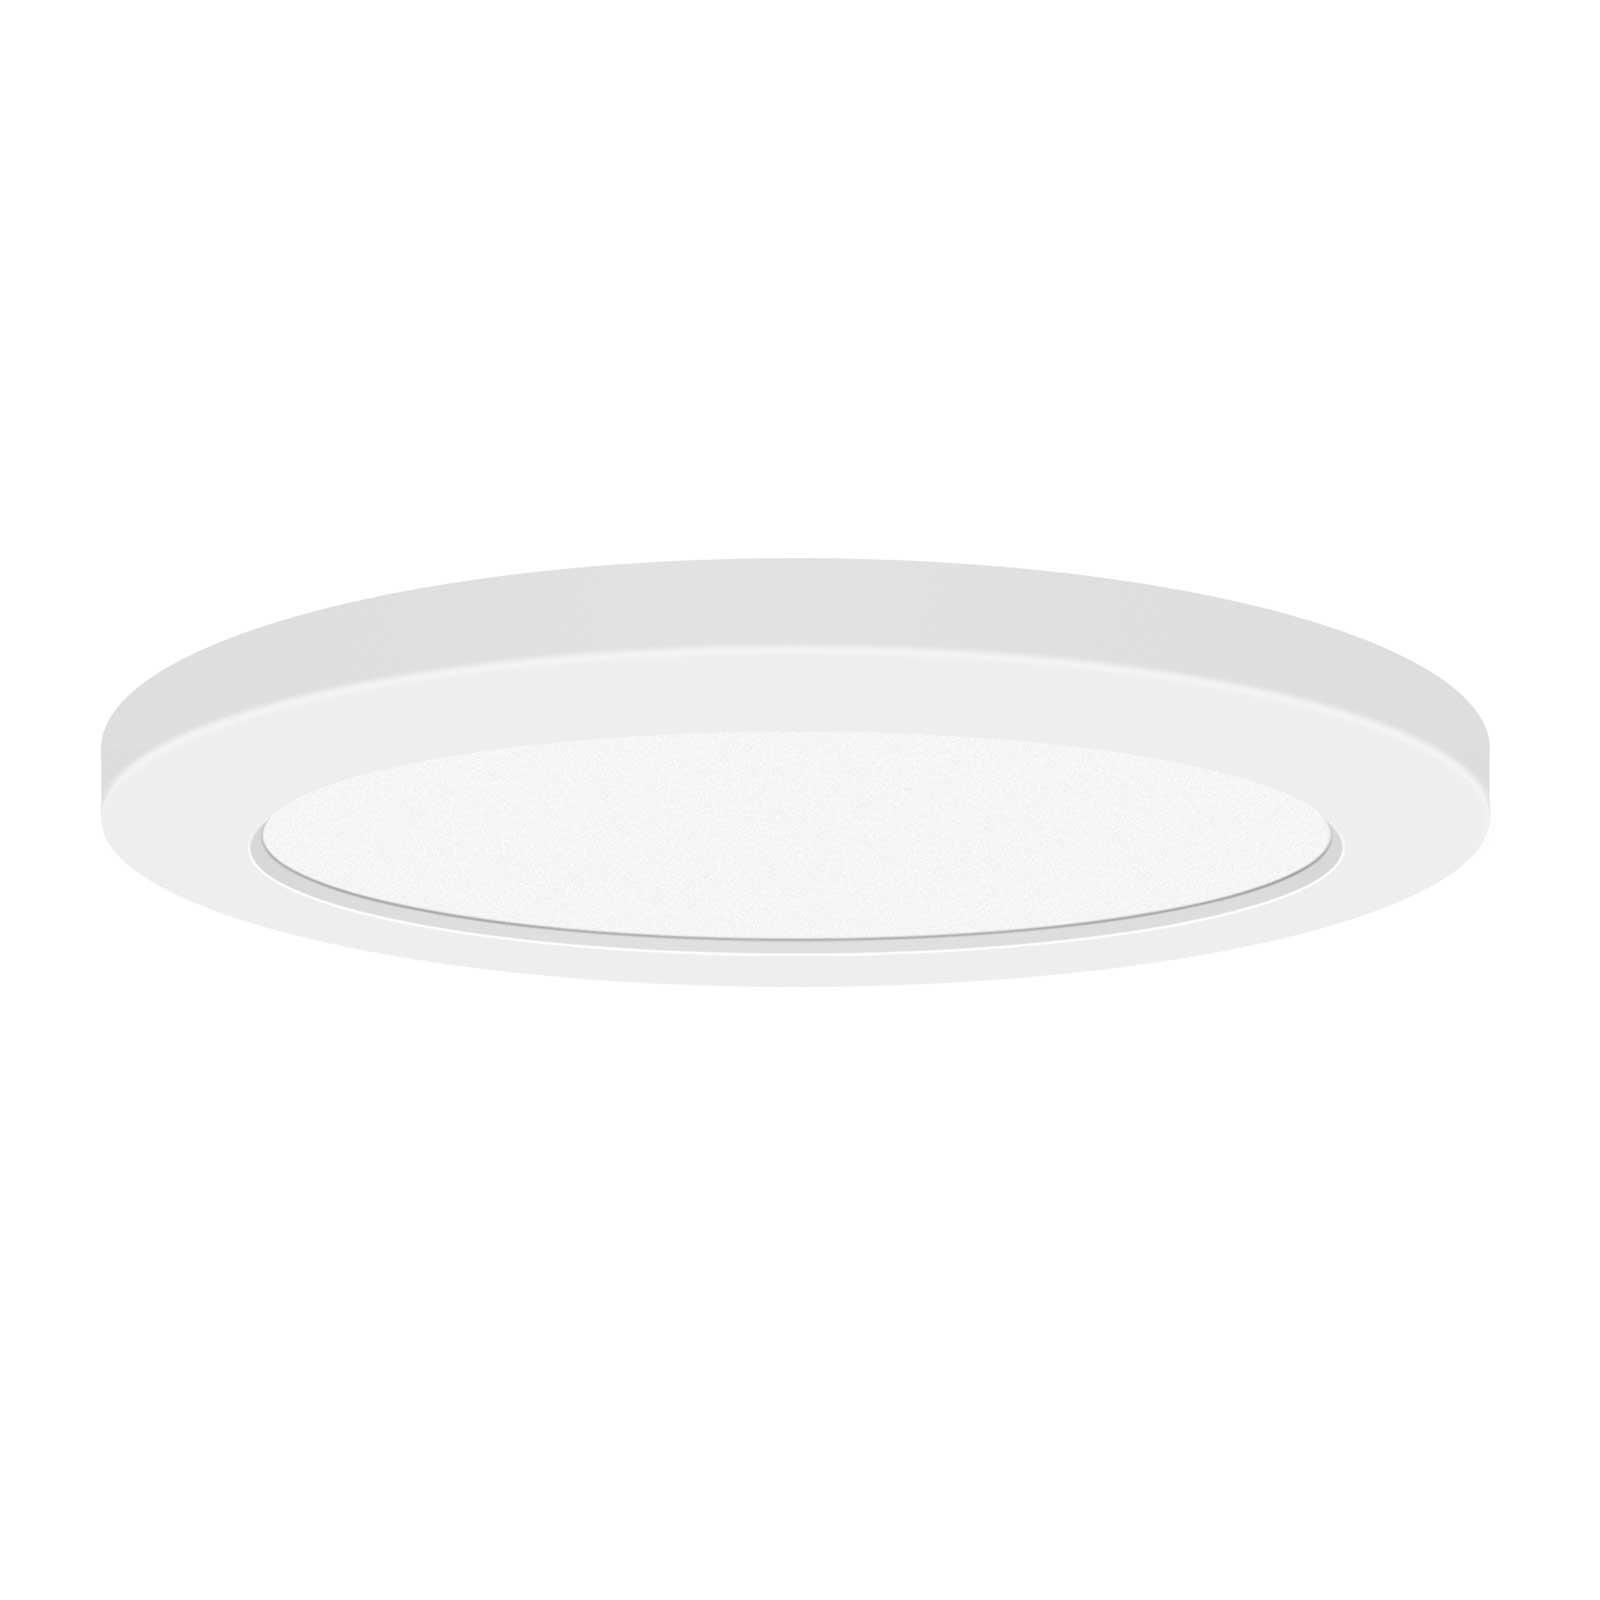 Megatron LED-Deckenleuchte Pano rund Ø 29,2 cm